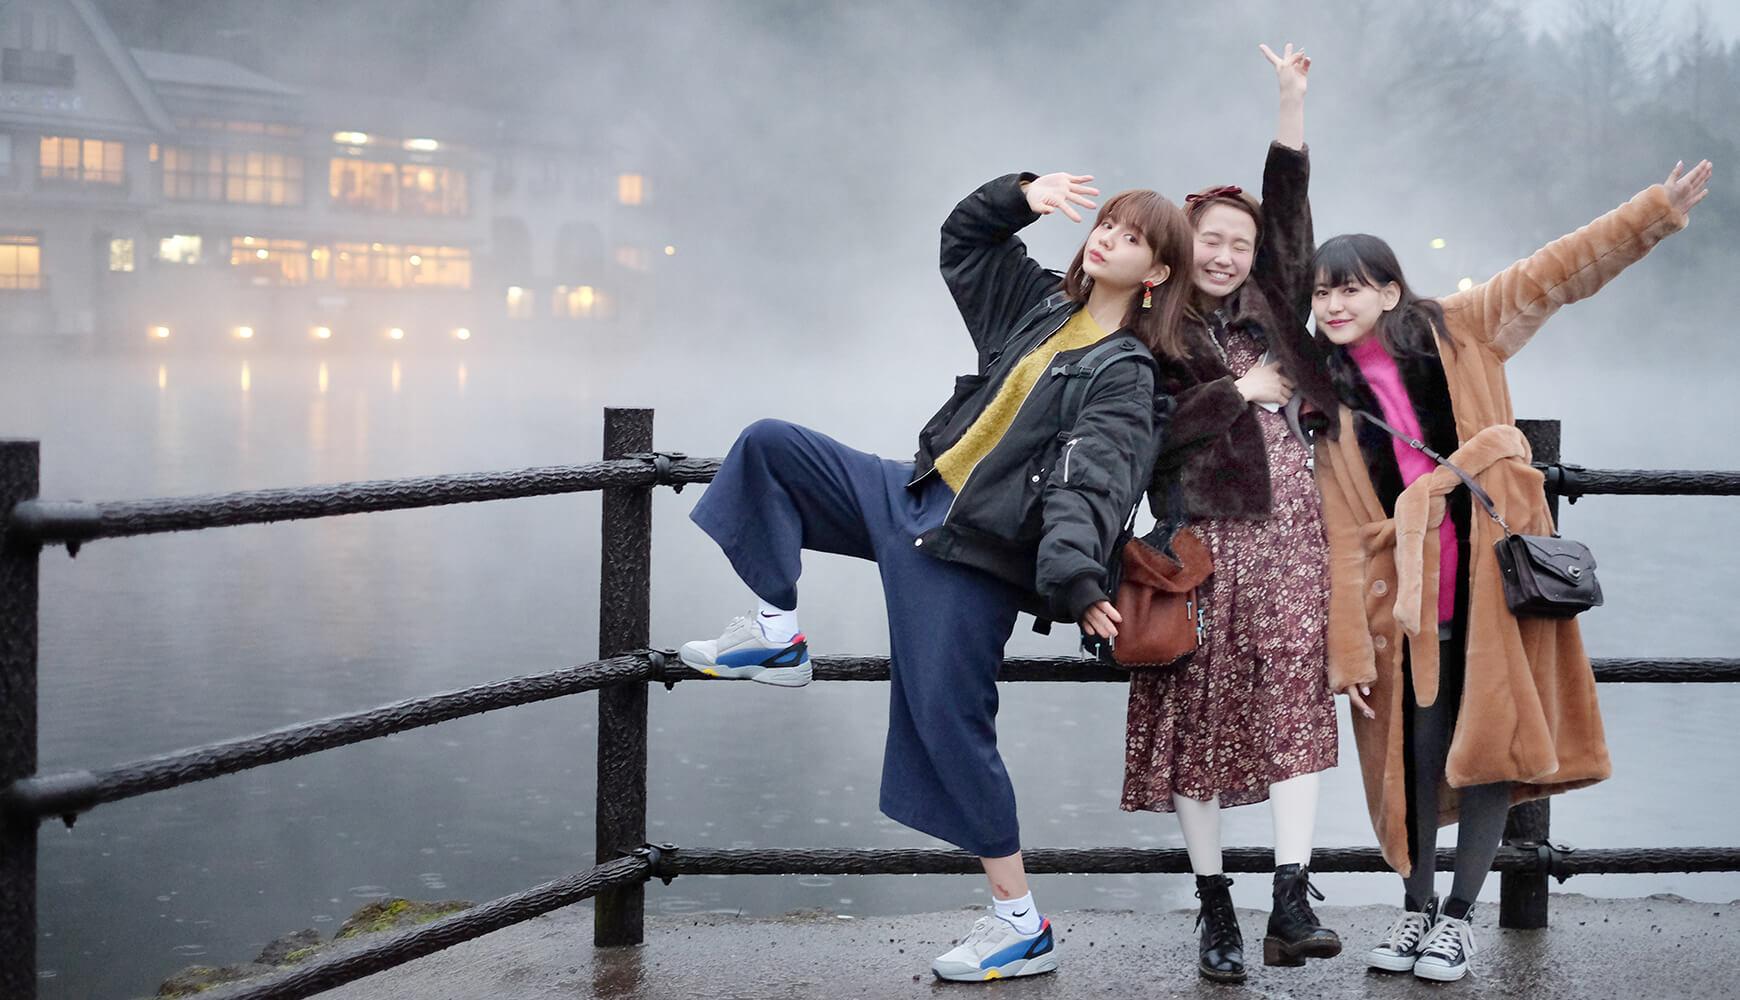 【旅部】冬のほっこり大分旅行 〜supported by Jetstar〜